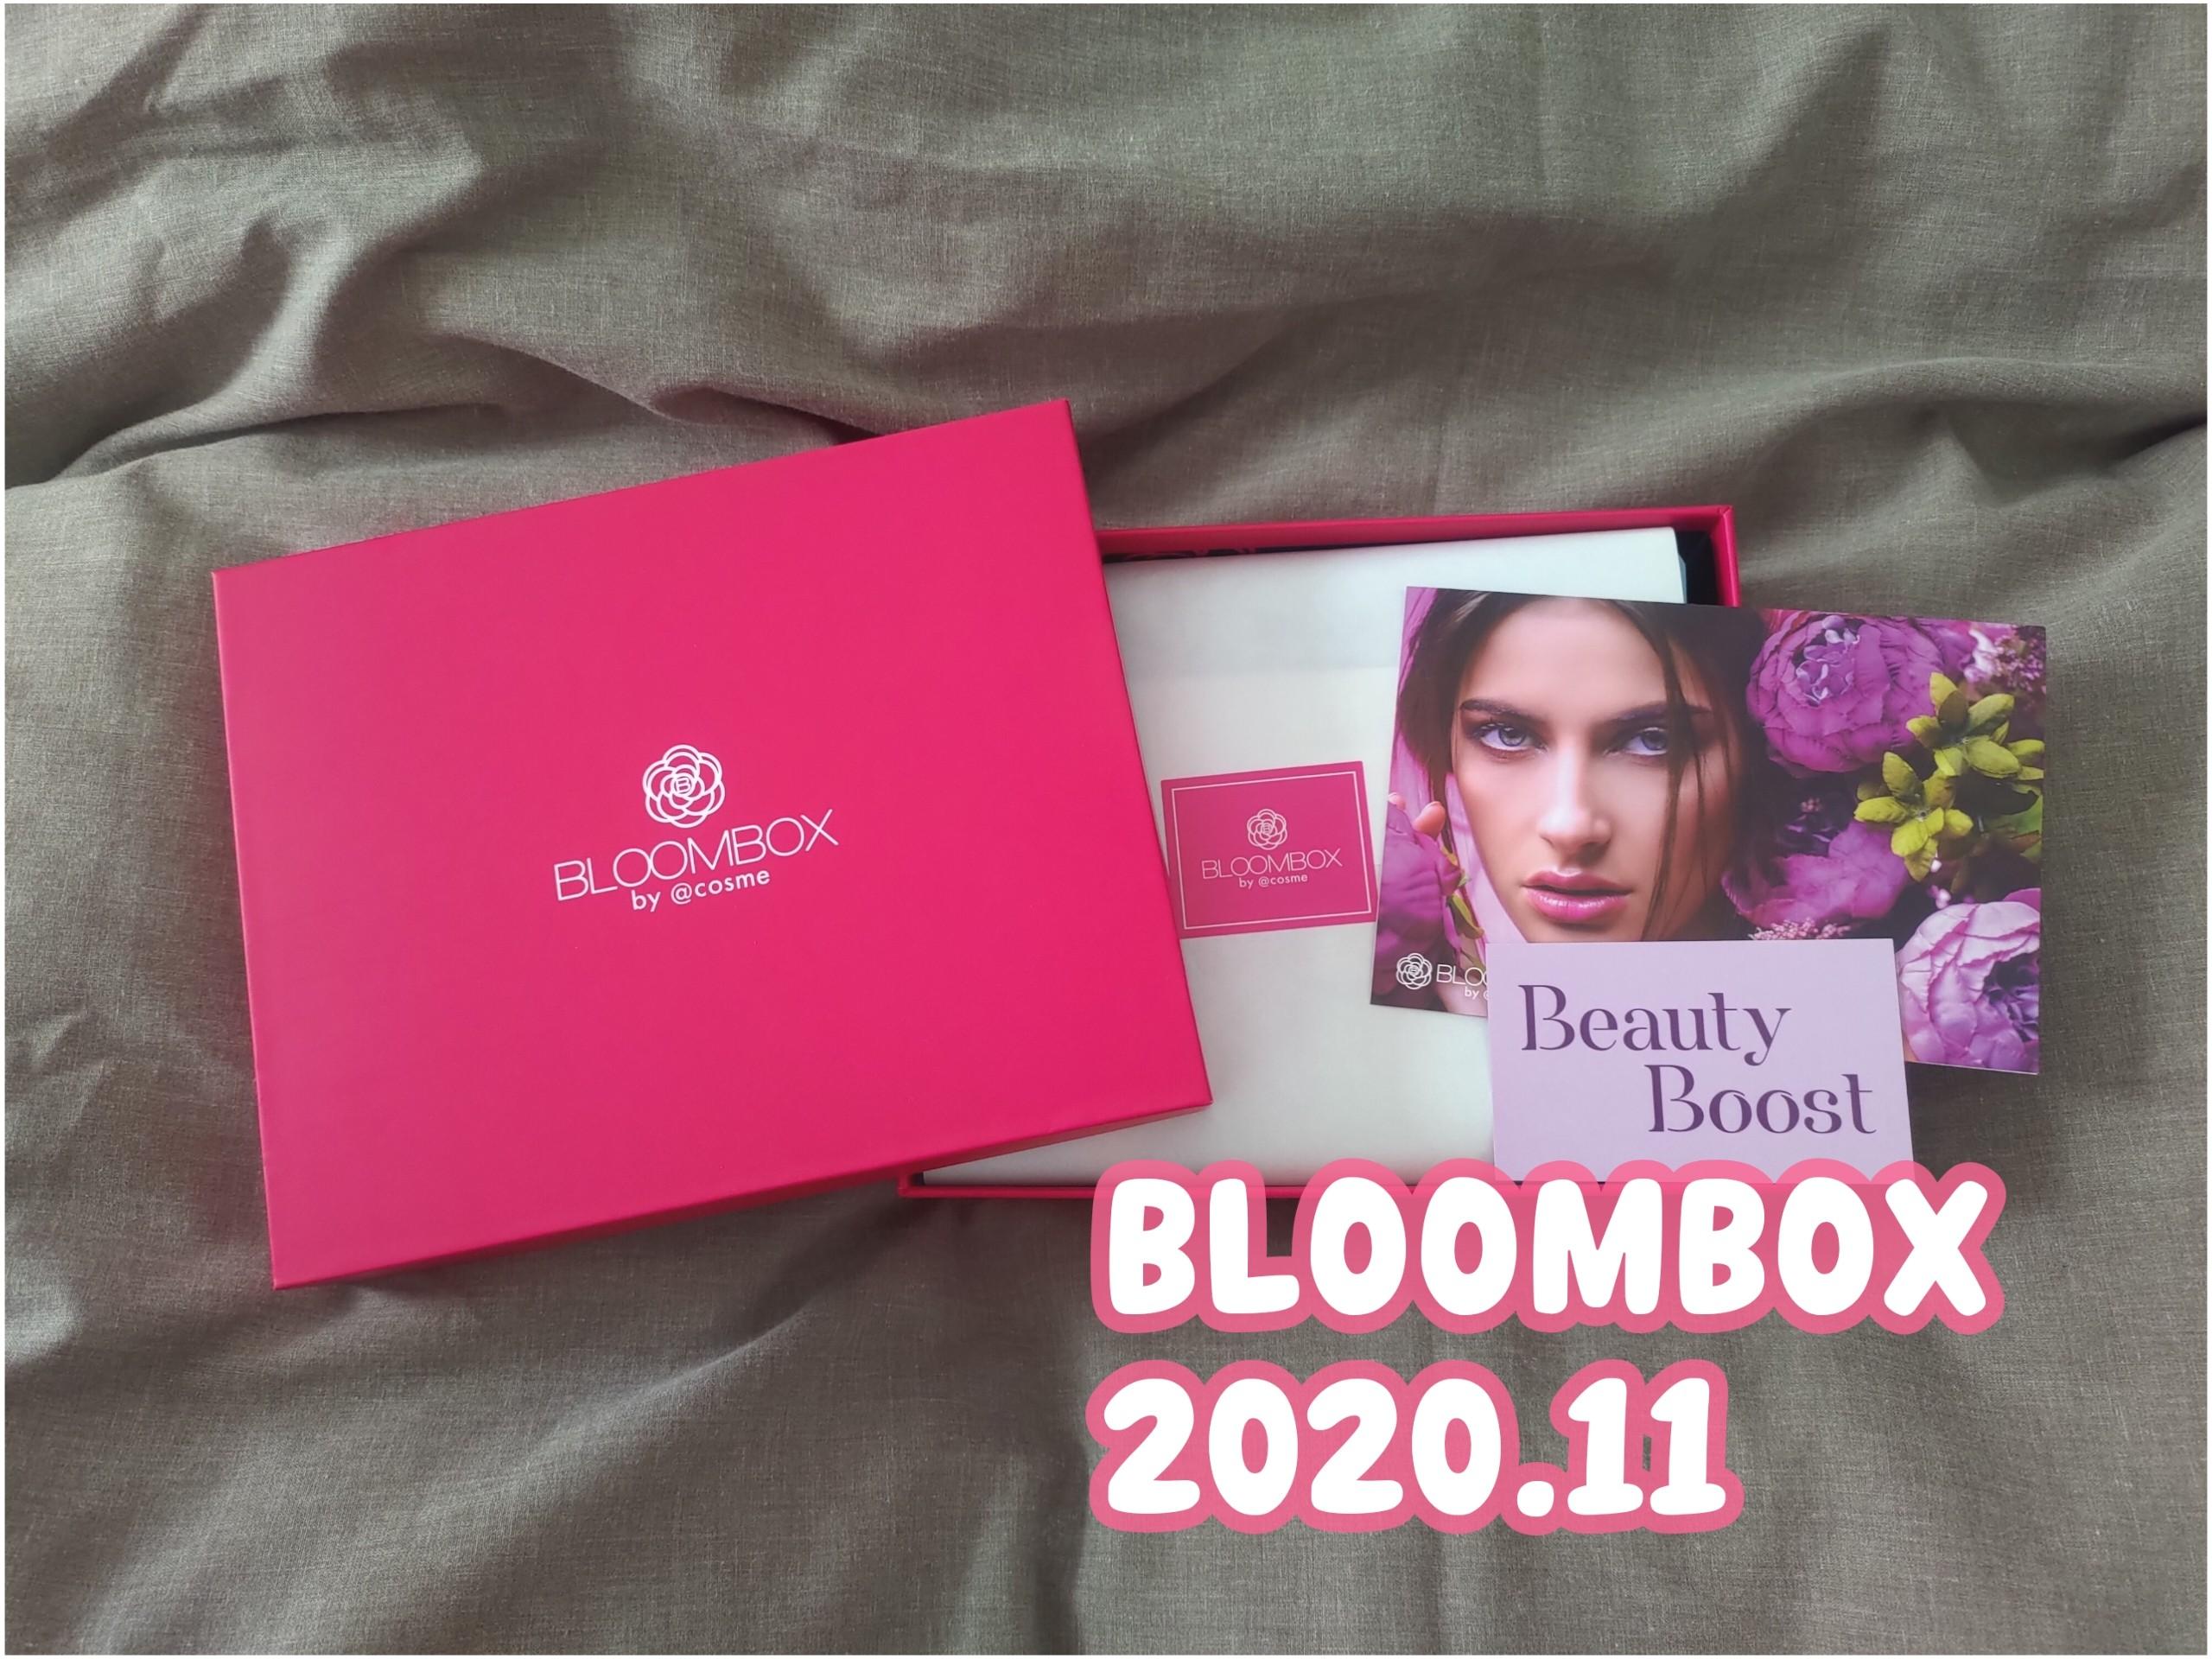 BLOOMBOX 2020年11月 中身公開